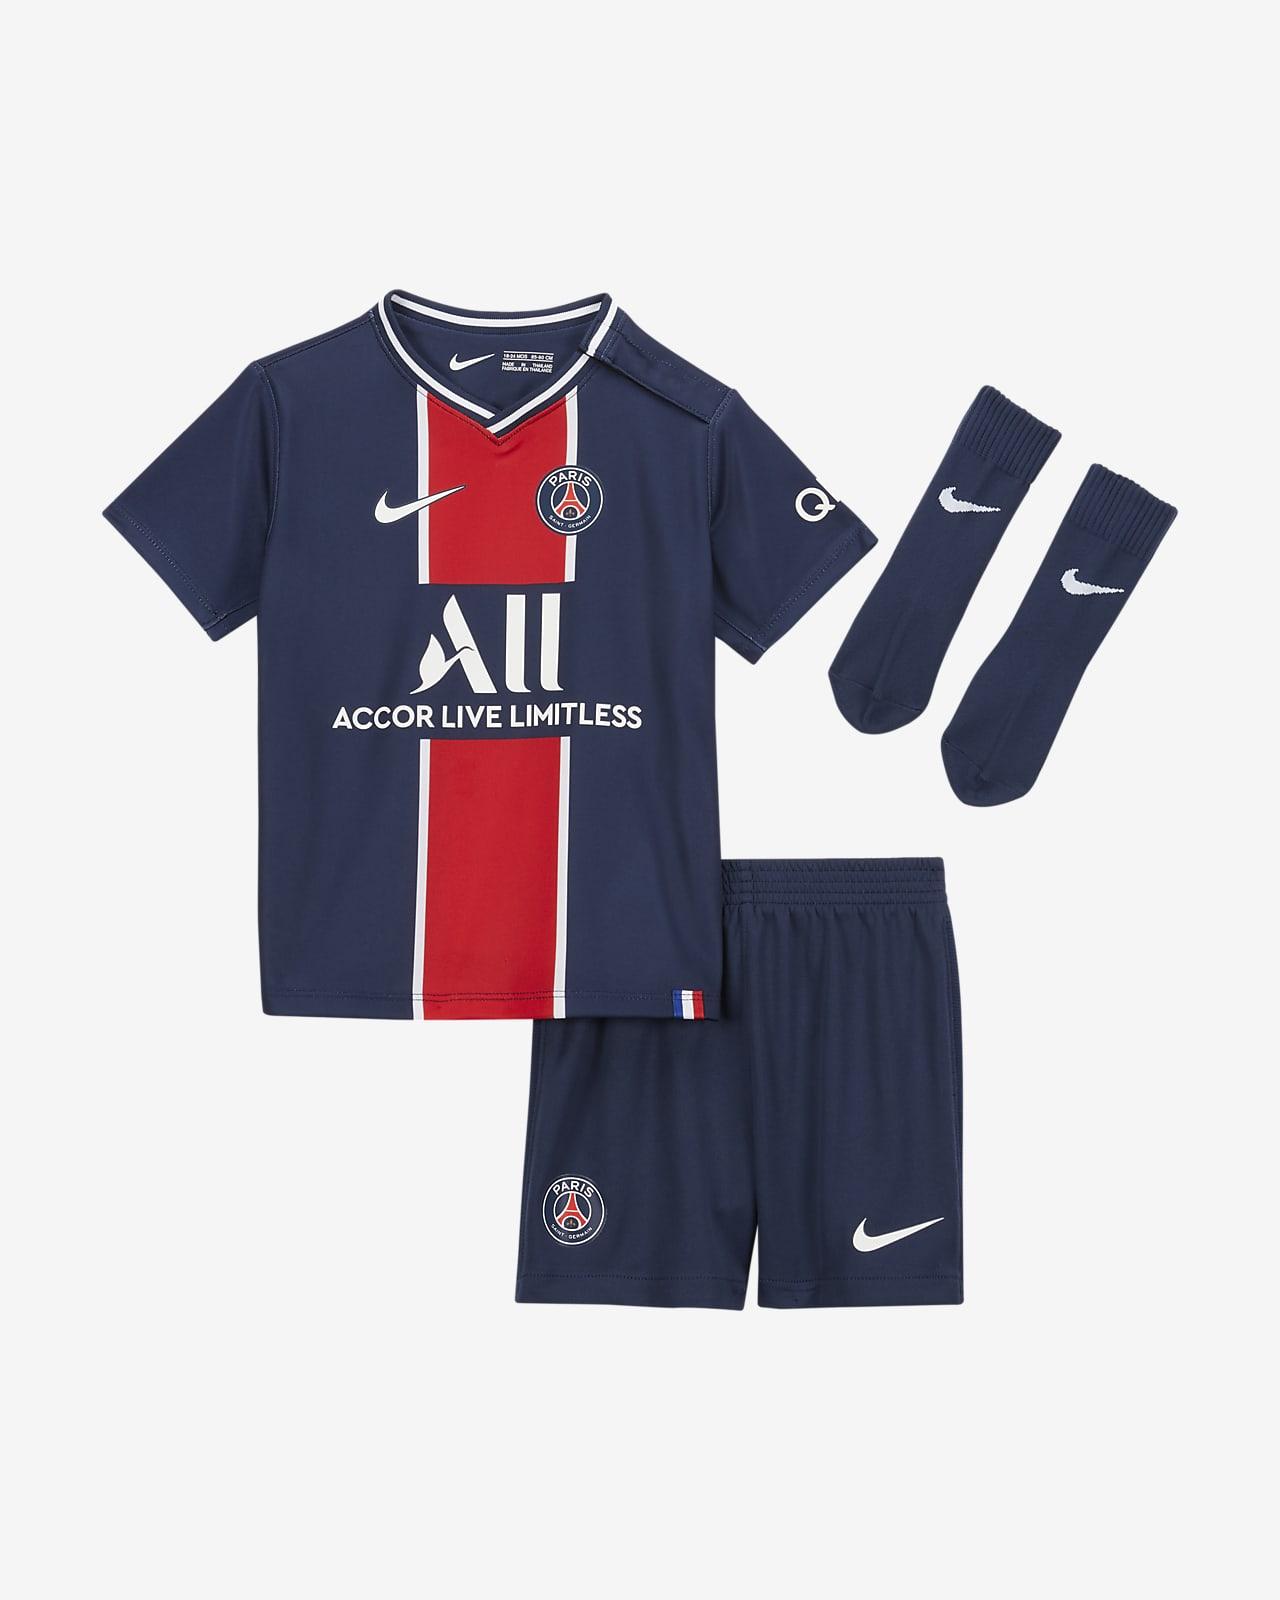 Εμφάνιση ποδοσφαίρου Paris Saint-Germain 2020/21 Home για βρέφη και νήπια